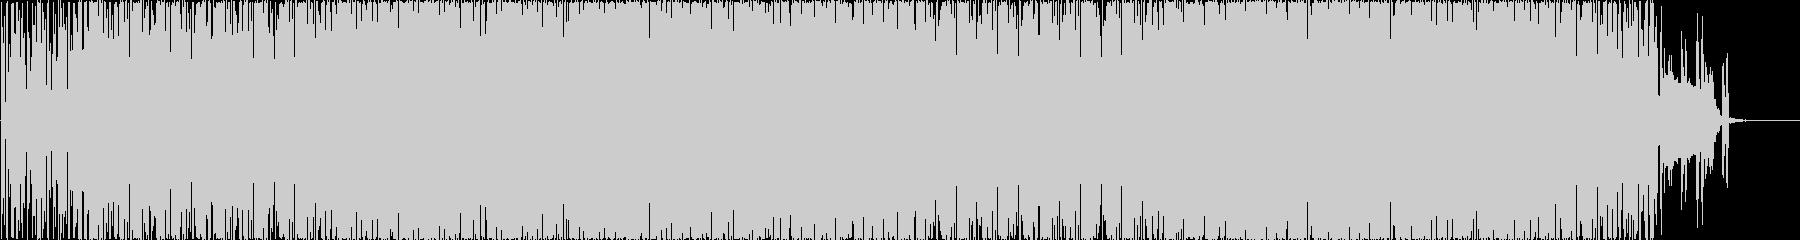 P08〜ポジティブ80sBPM120の未再生の波形